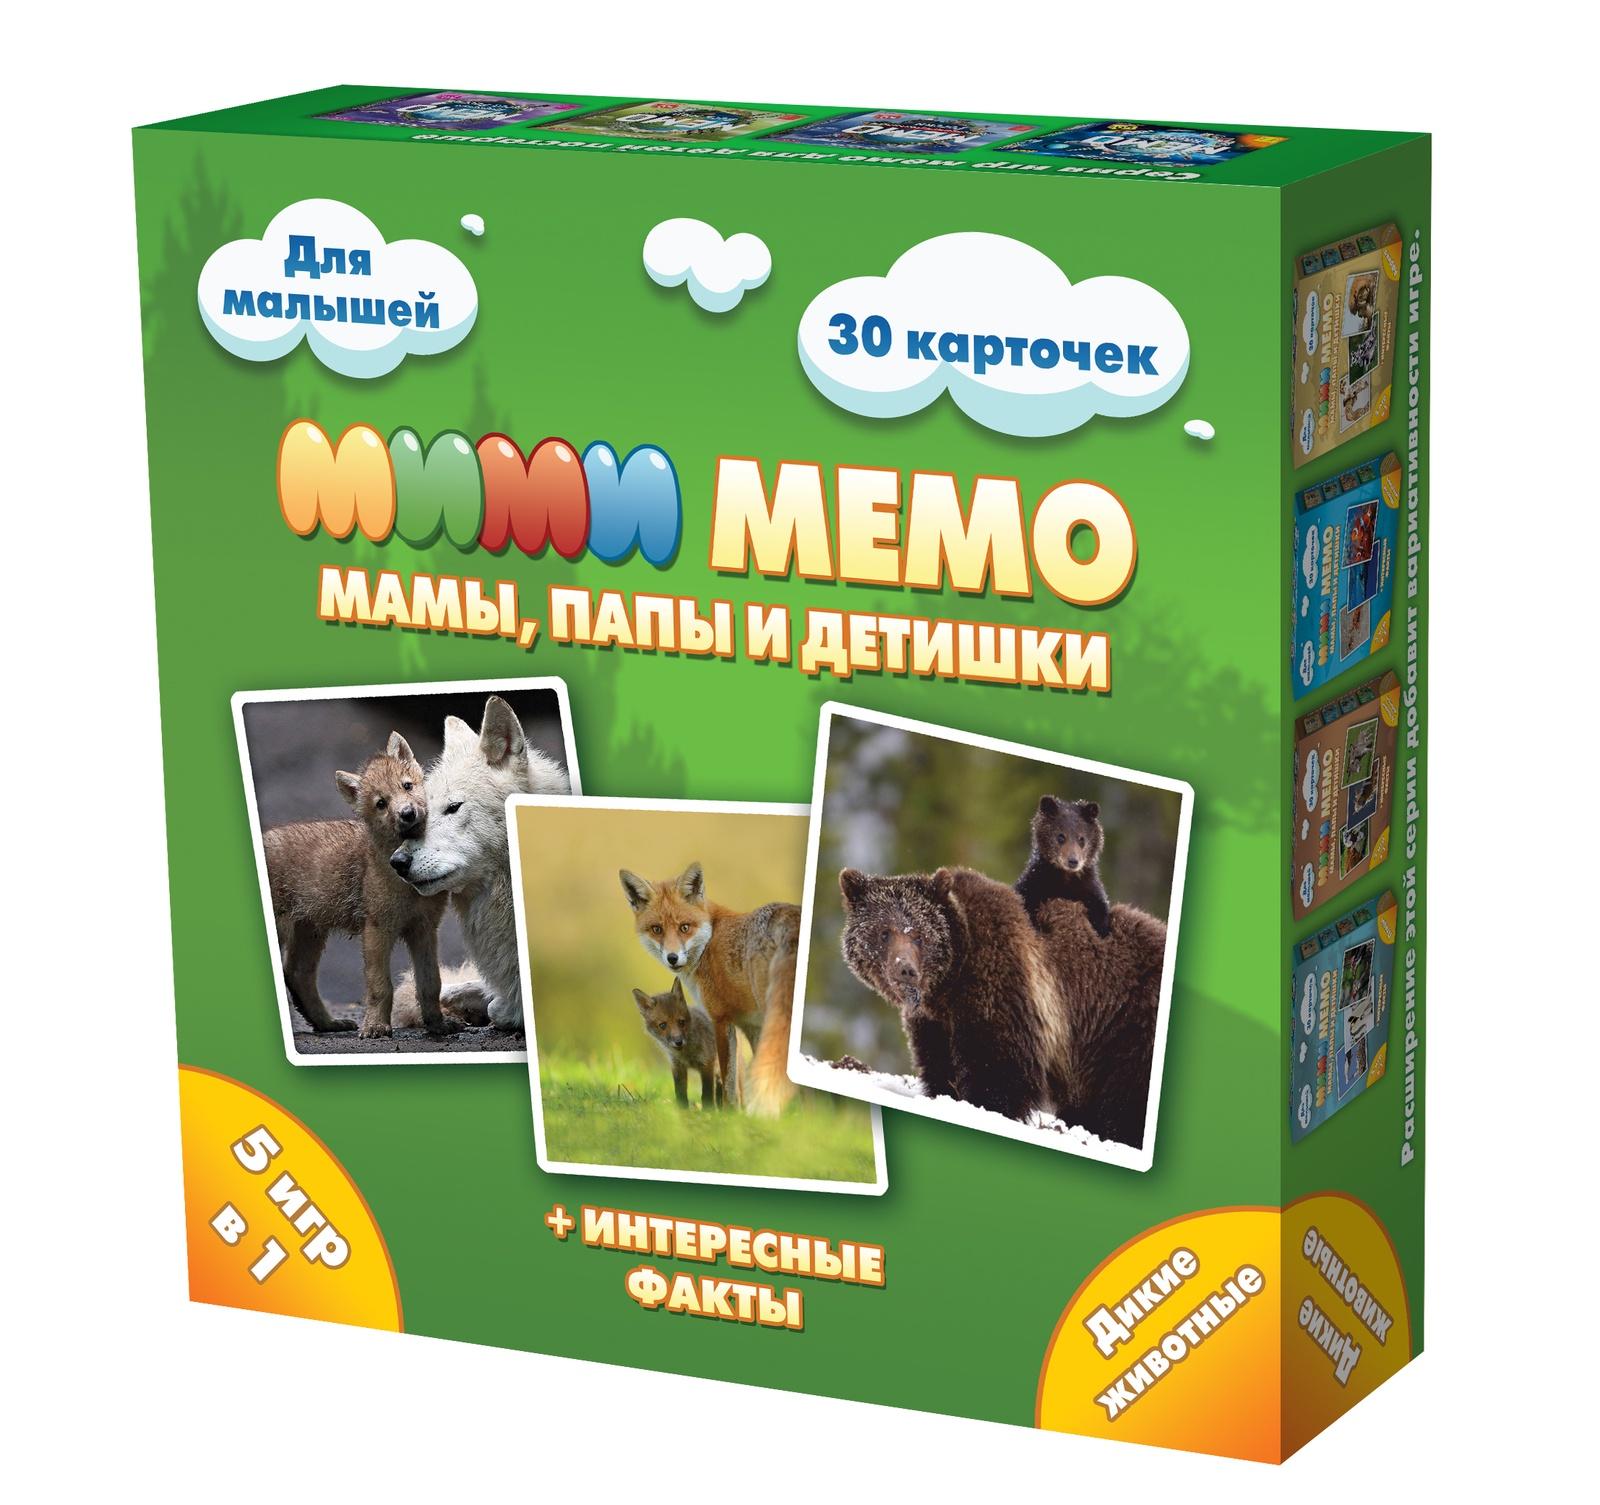 Обучающая игра Нескучные игры Ми-Ми-Мемо, 8050 анданте мемо обучающая игра найди пару формы и цвета 24 фишки